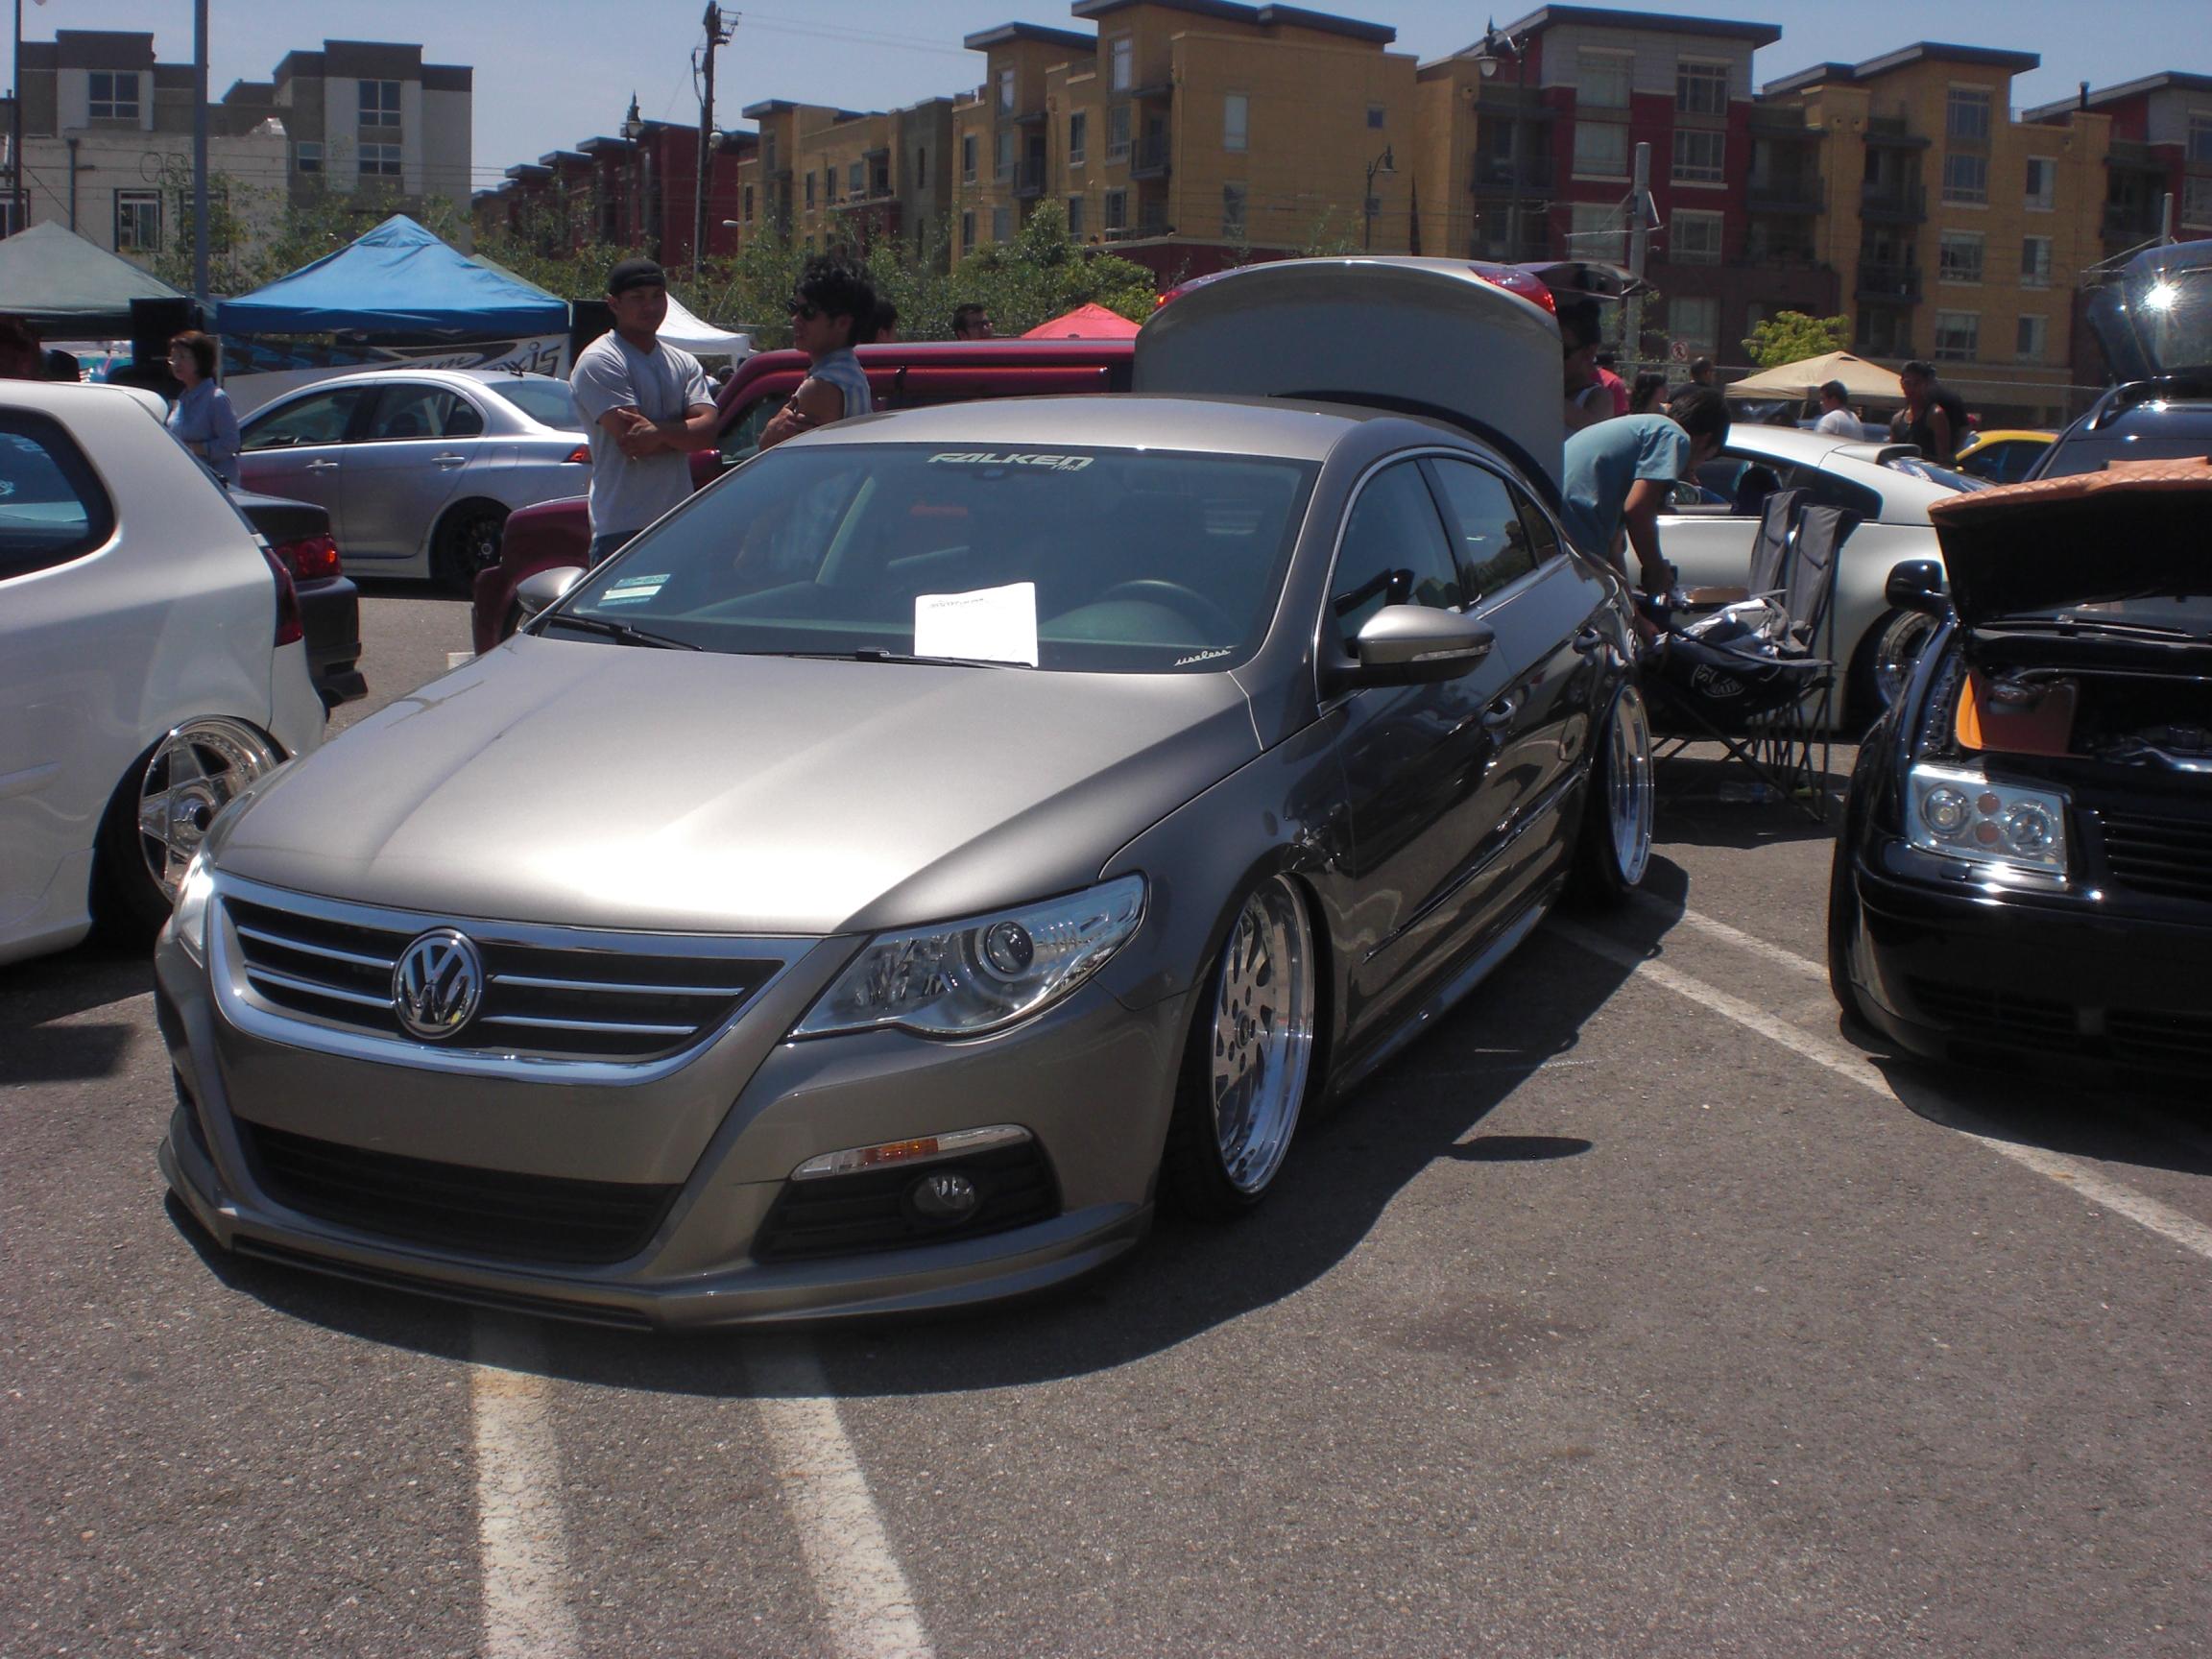 rosettenville vehicle dsg highline img ebk auto dealers vw cc volkswagen tdi